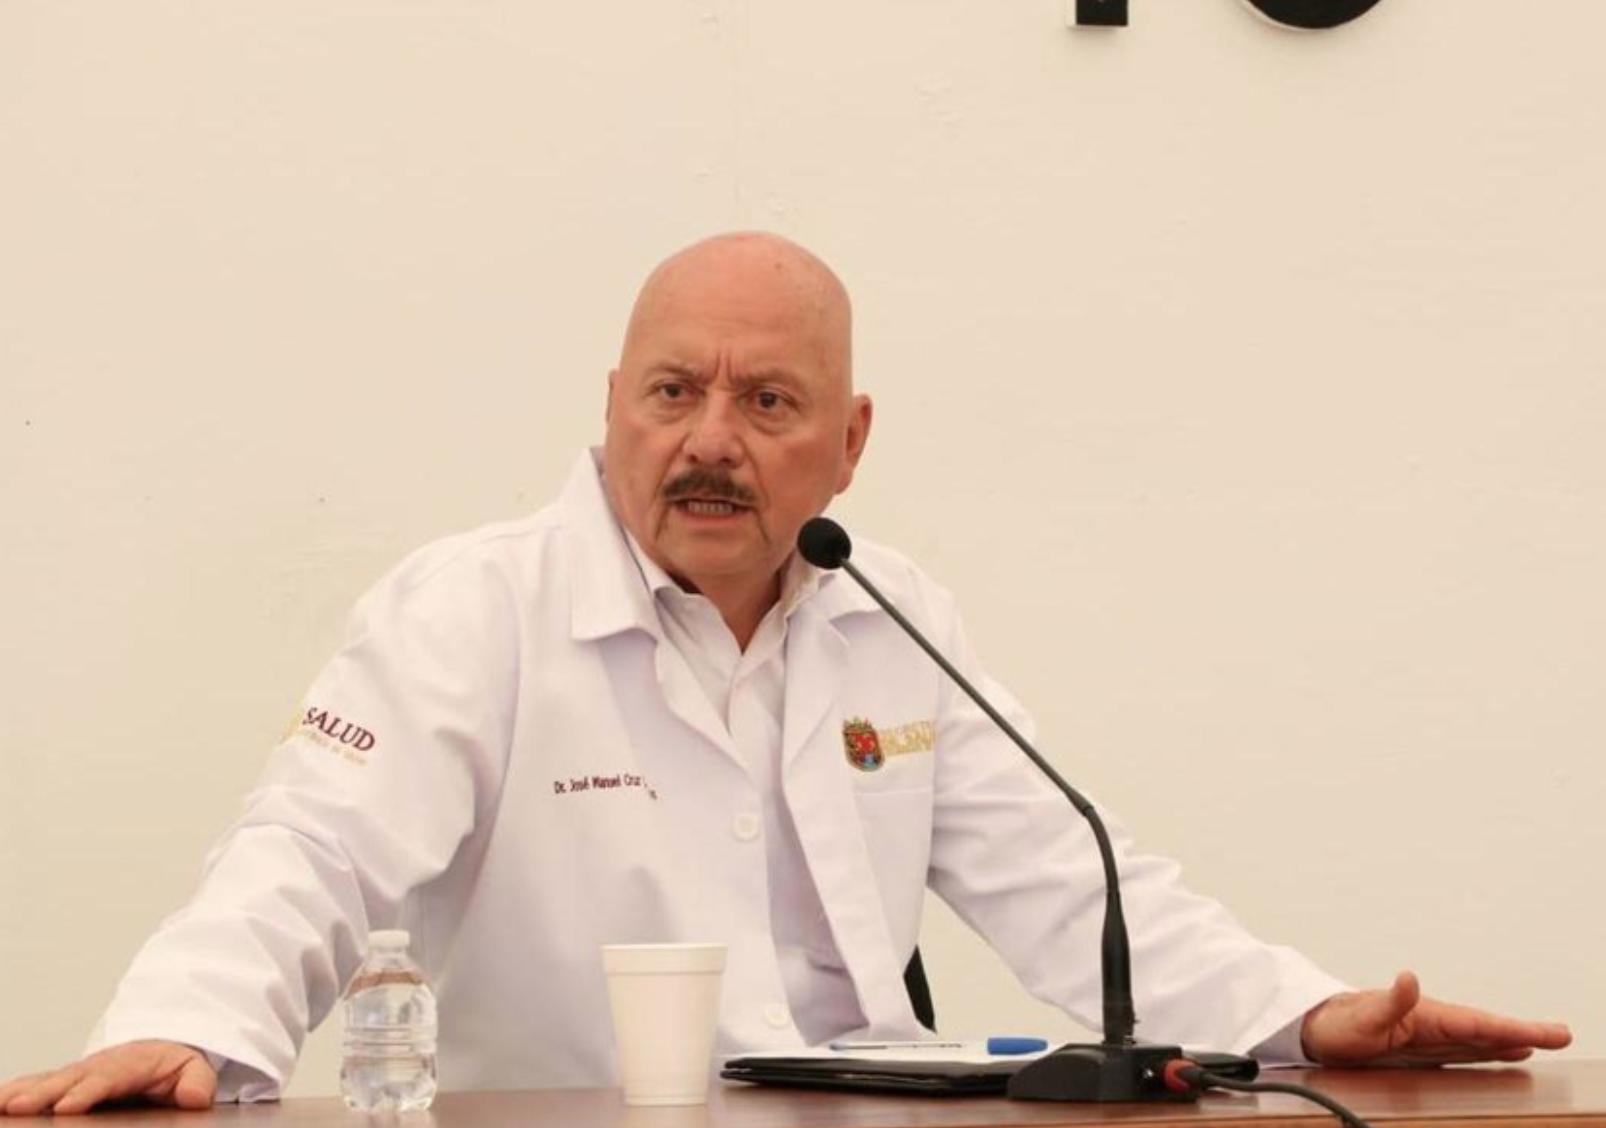 """Enfermos de Covid, quedan medio """"chafiretes"""", asegura secretario de Salud de Chiapas"""